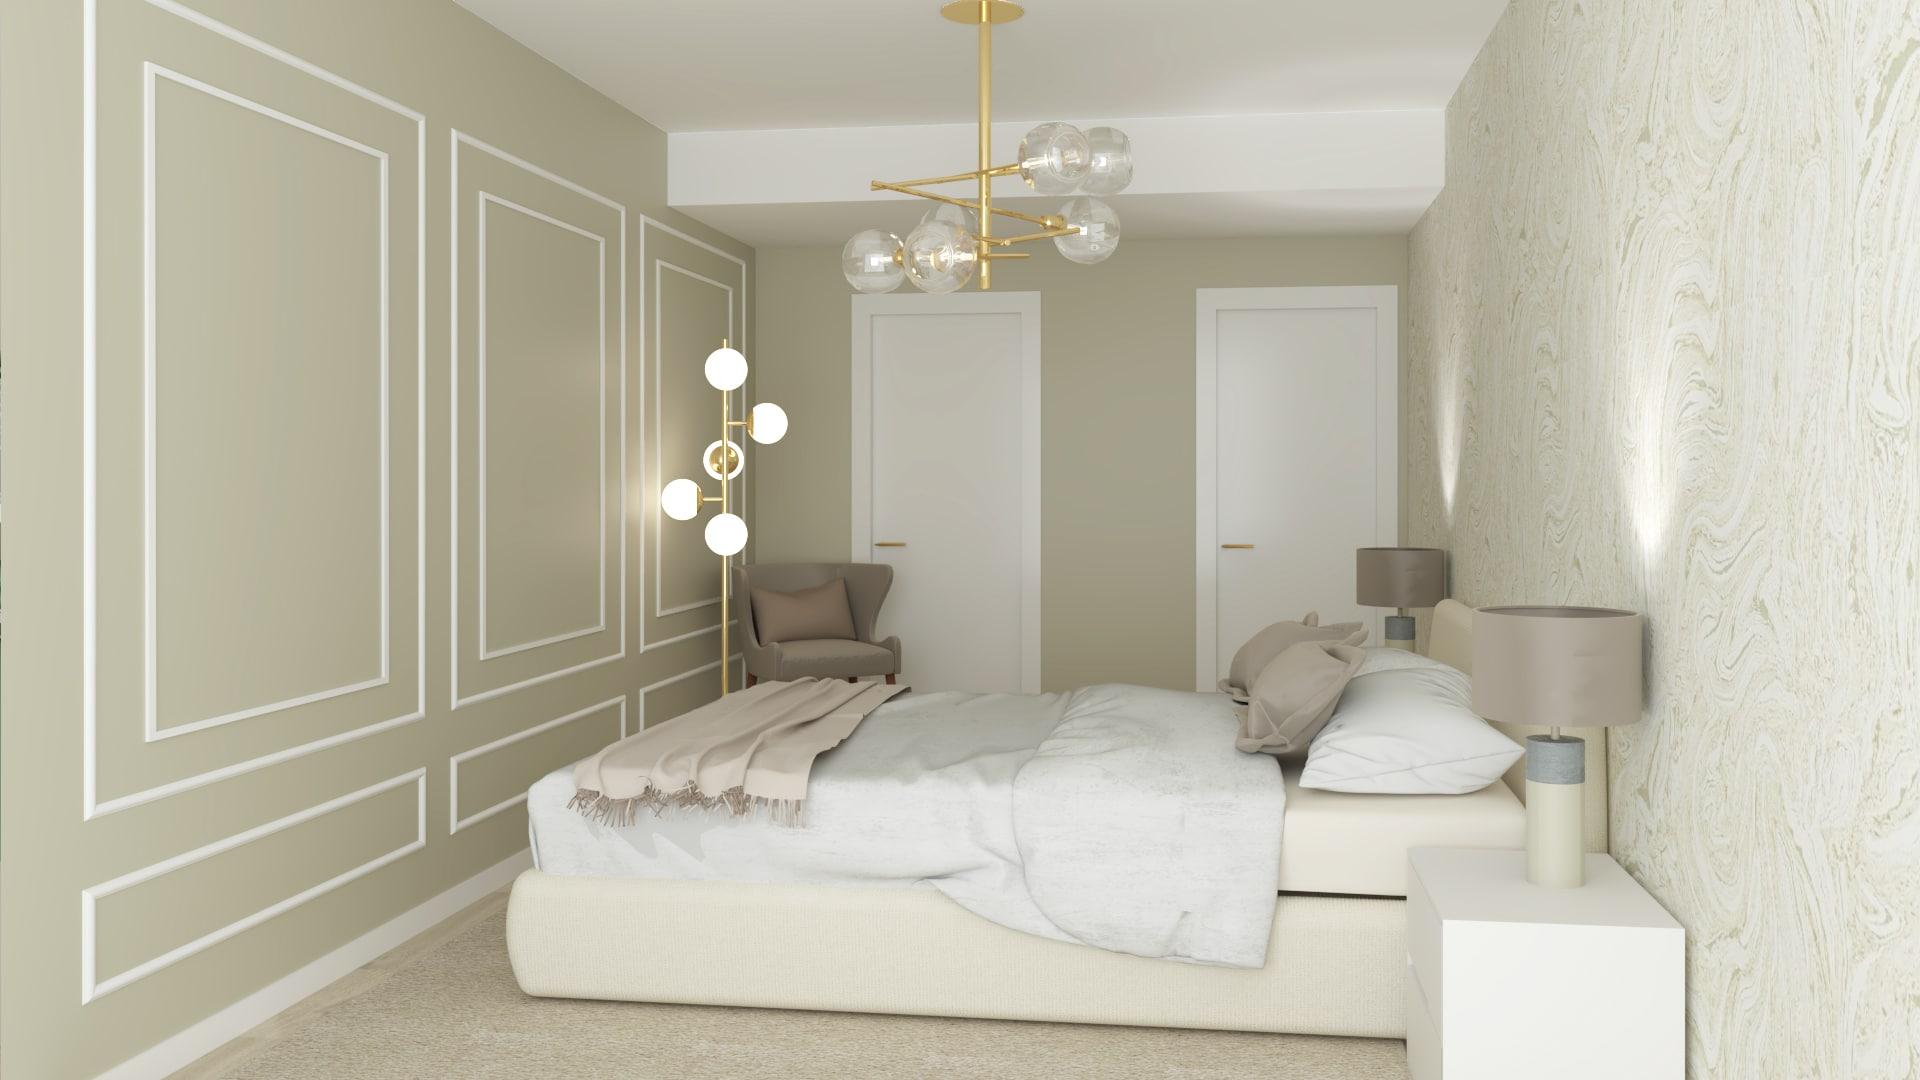 Design Interiores Glim